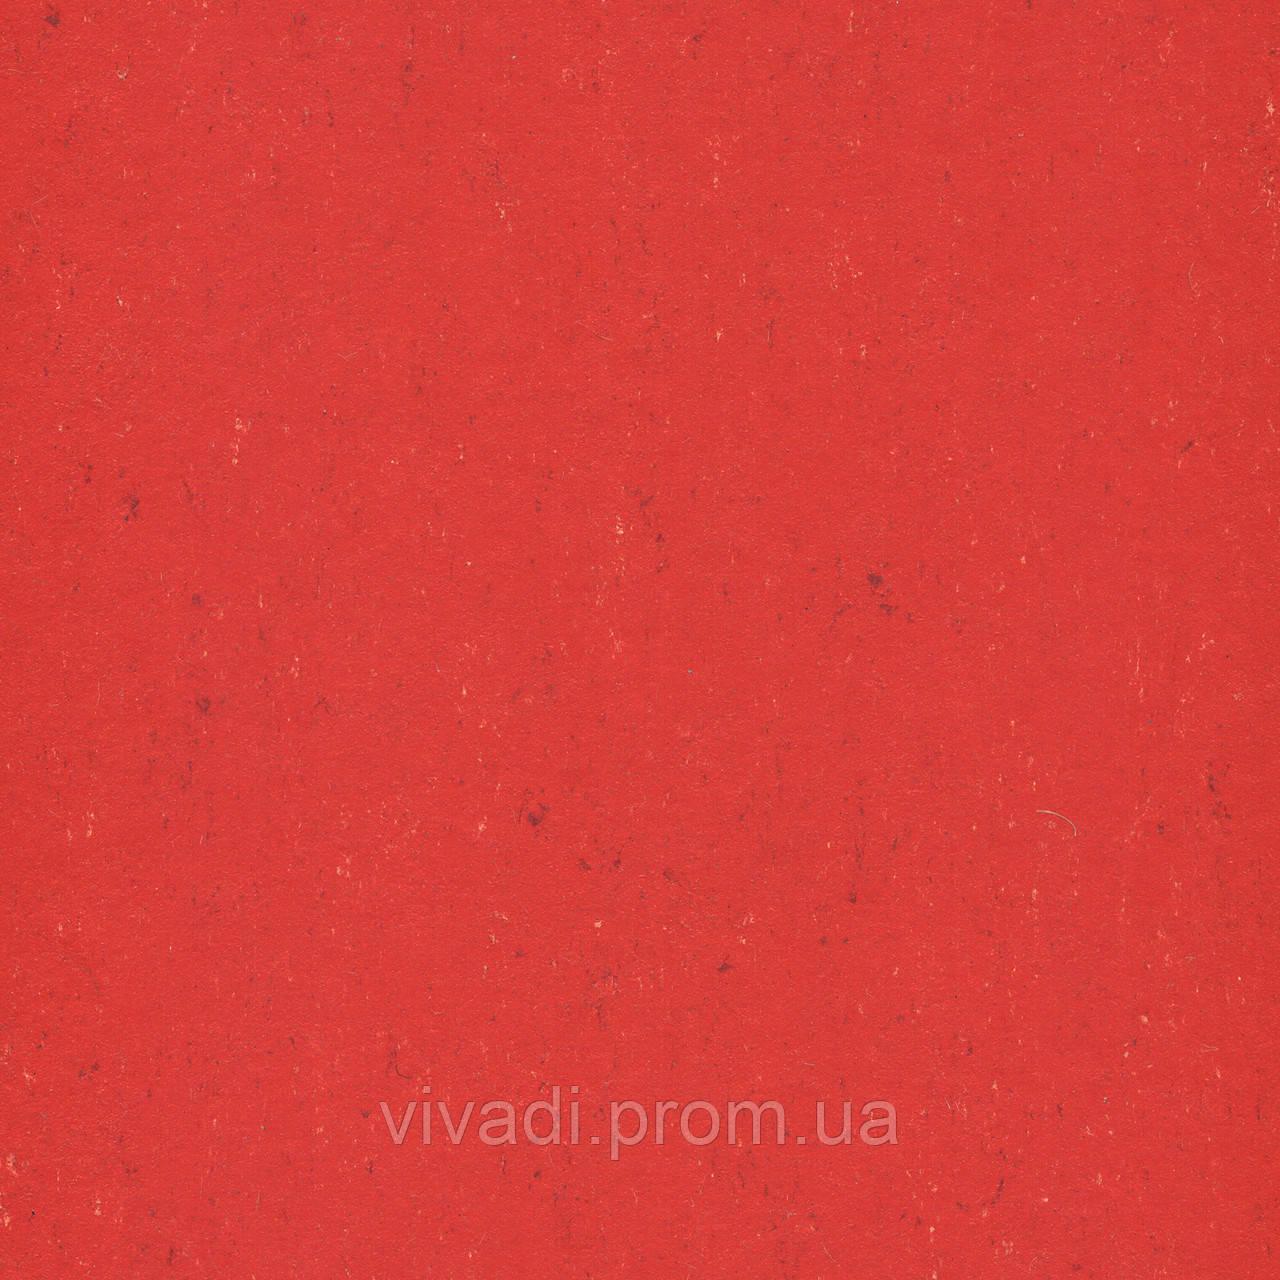 Натуральний лінолеум Colorette PUR - колір 137-118